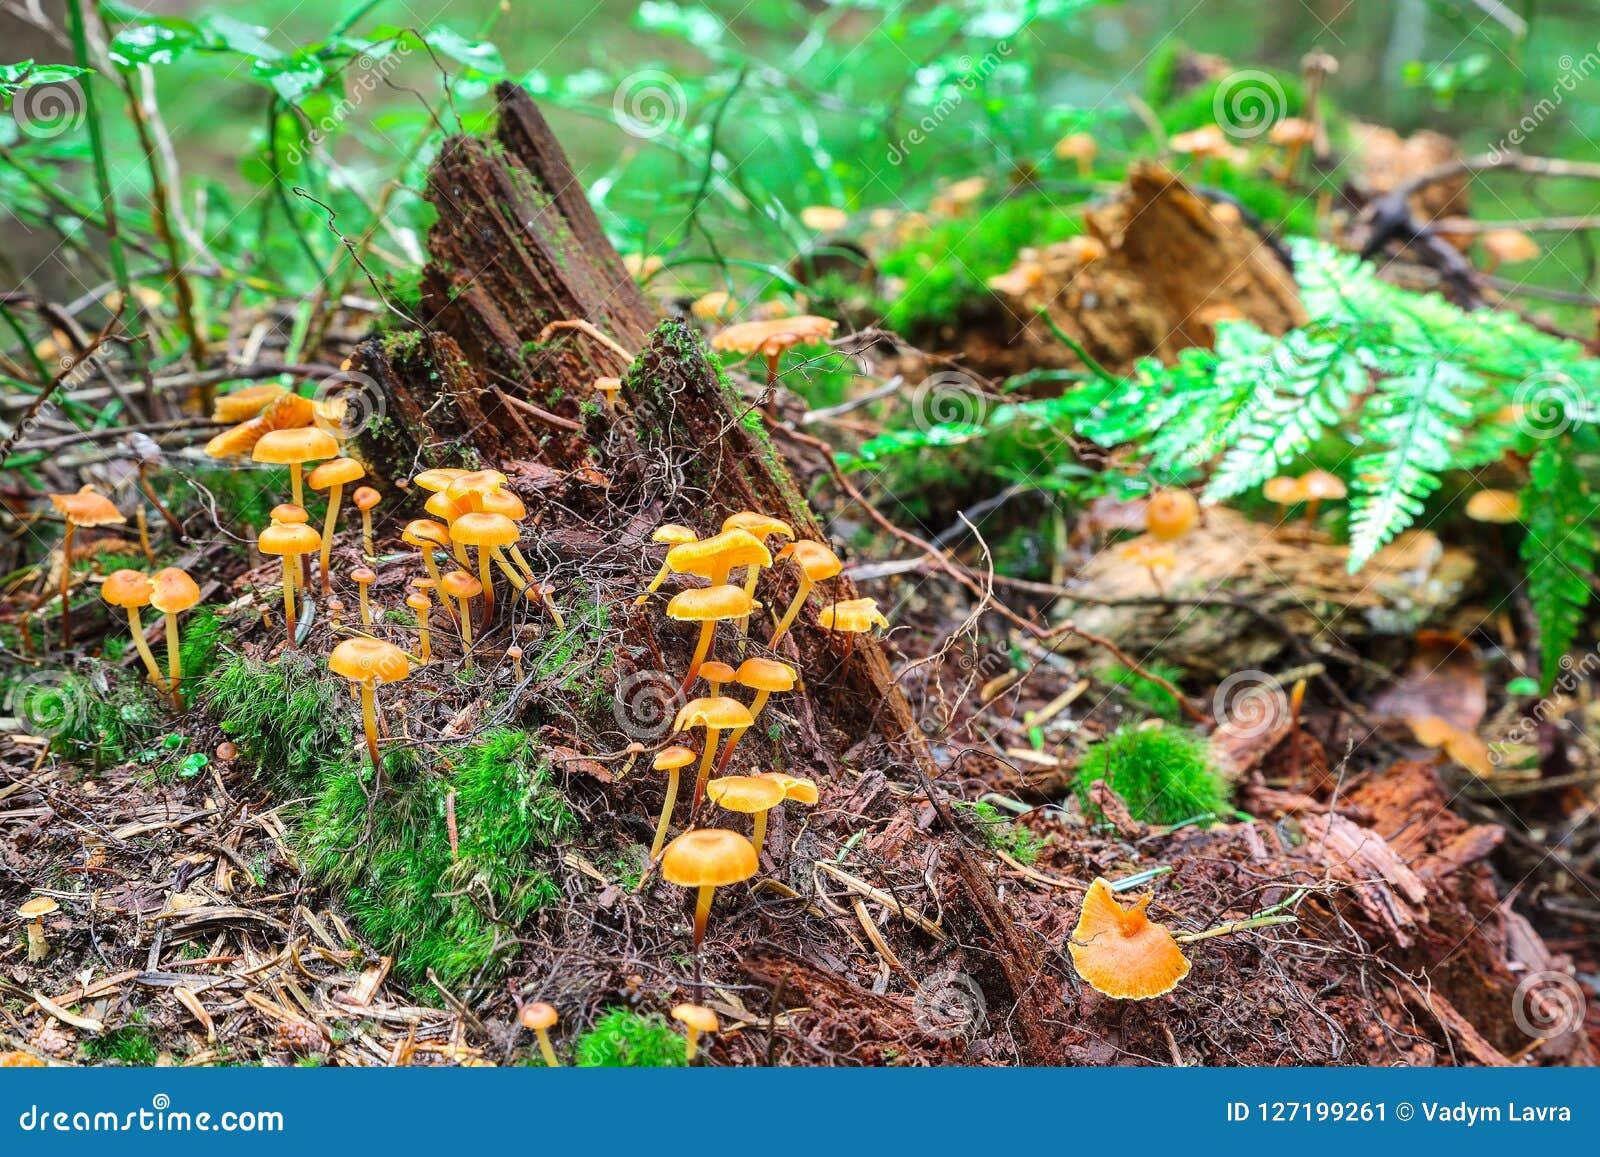 Mushrooms of the Crimea. Mushrooms of Crimea edible: description, photo